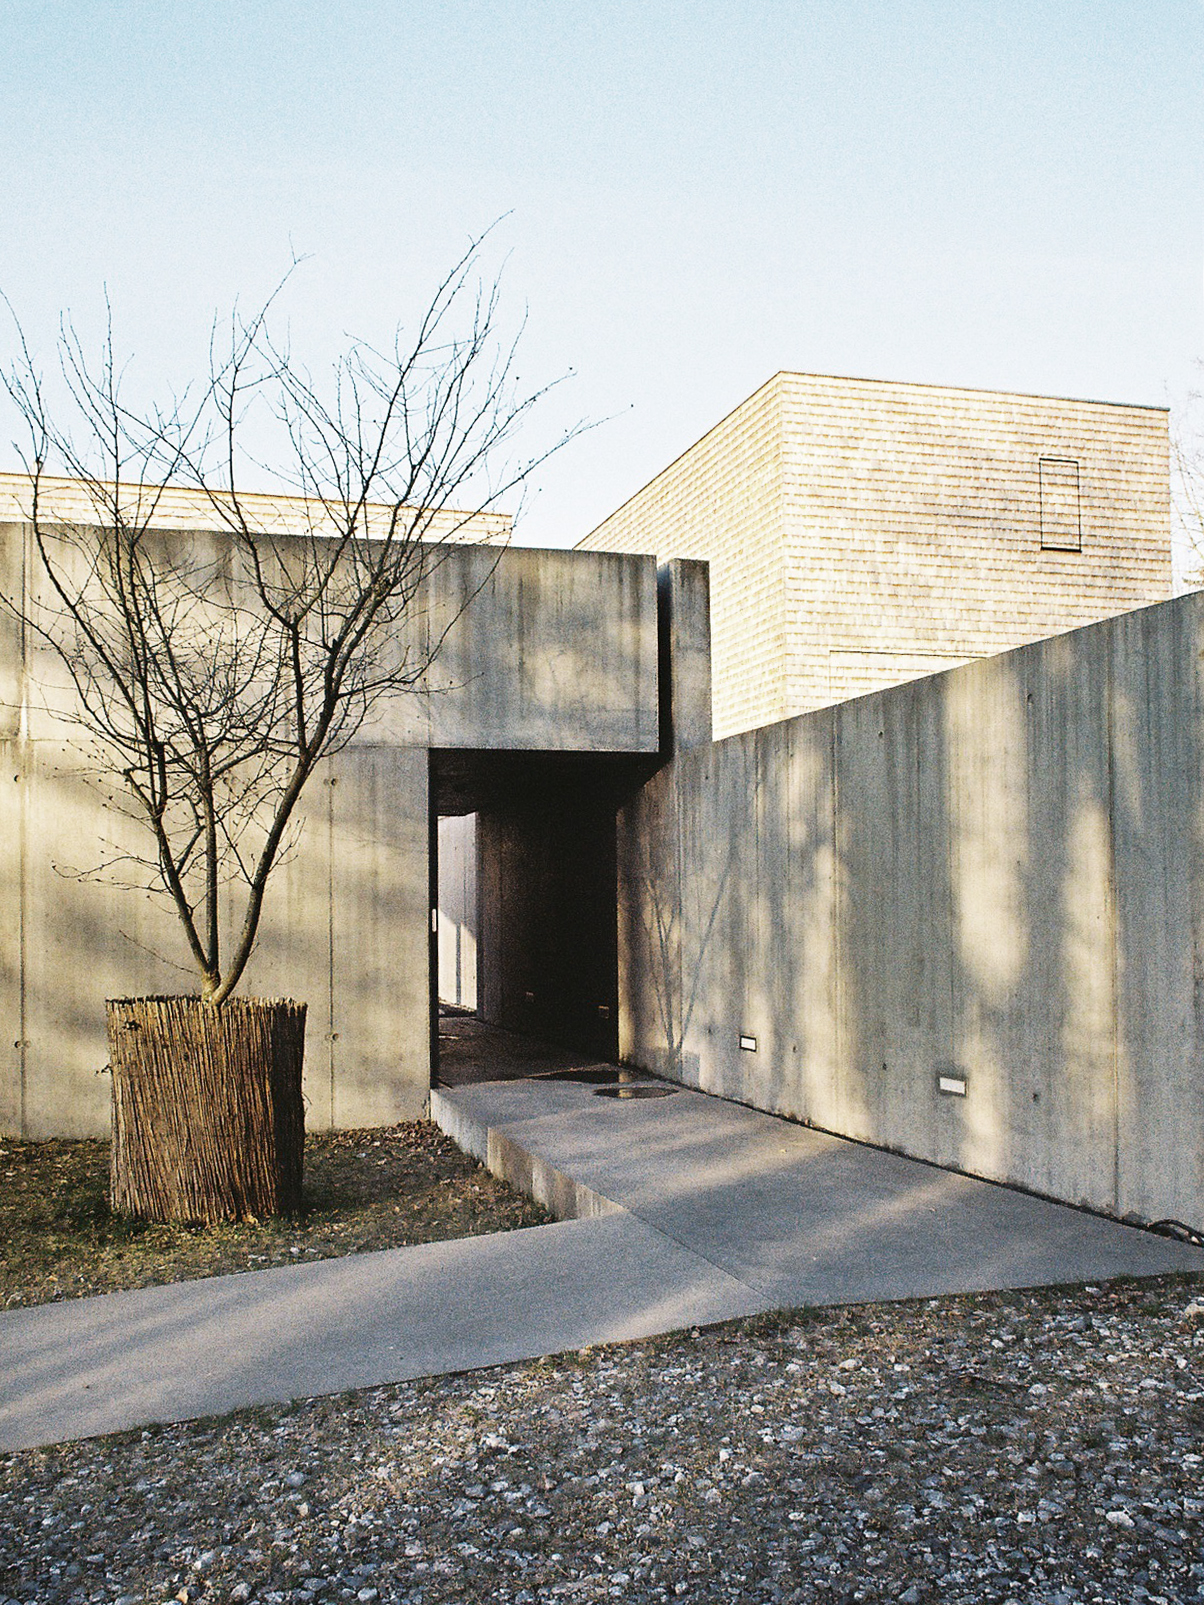 Michael-Becker-Architects-Architekten-Haus-g-04